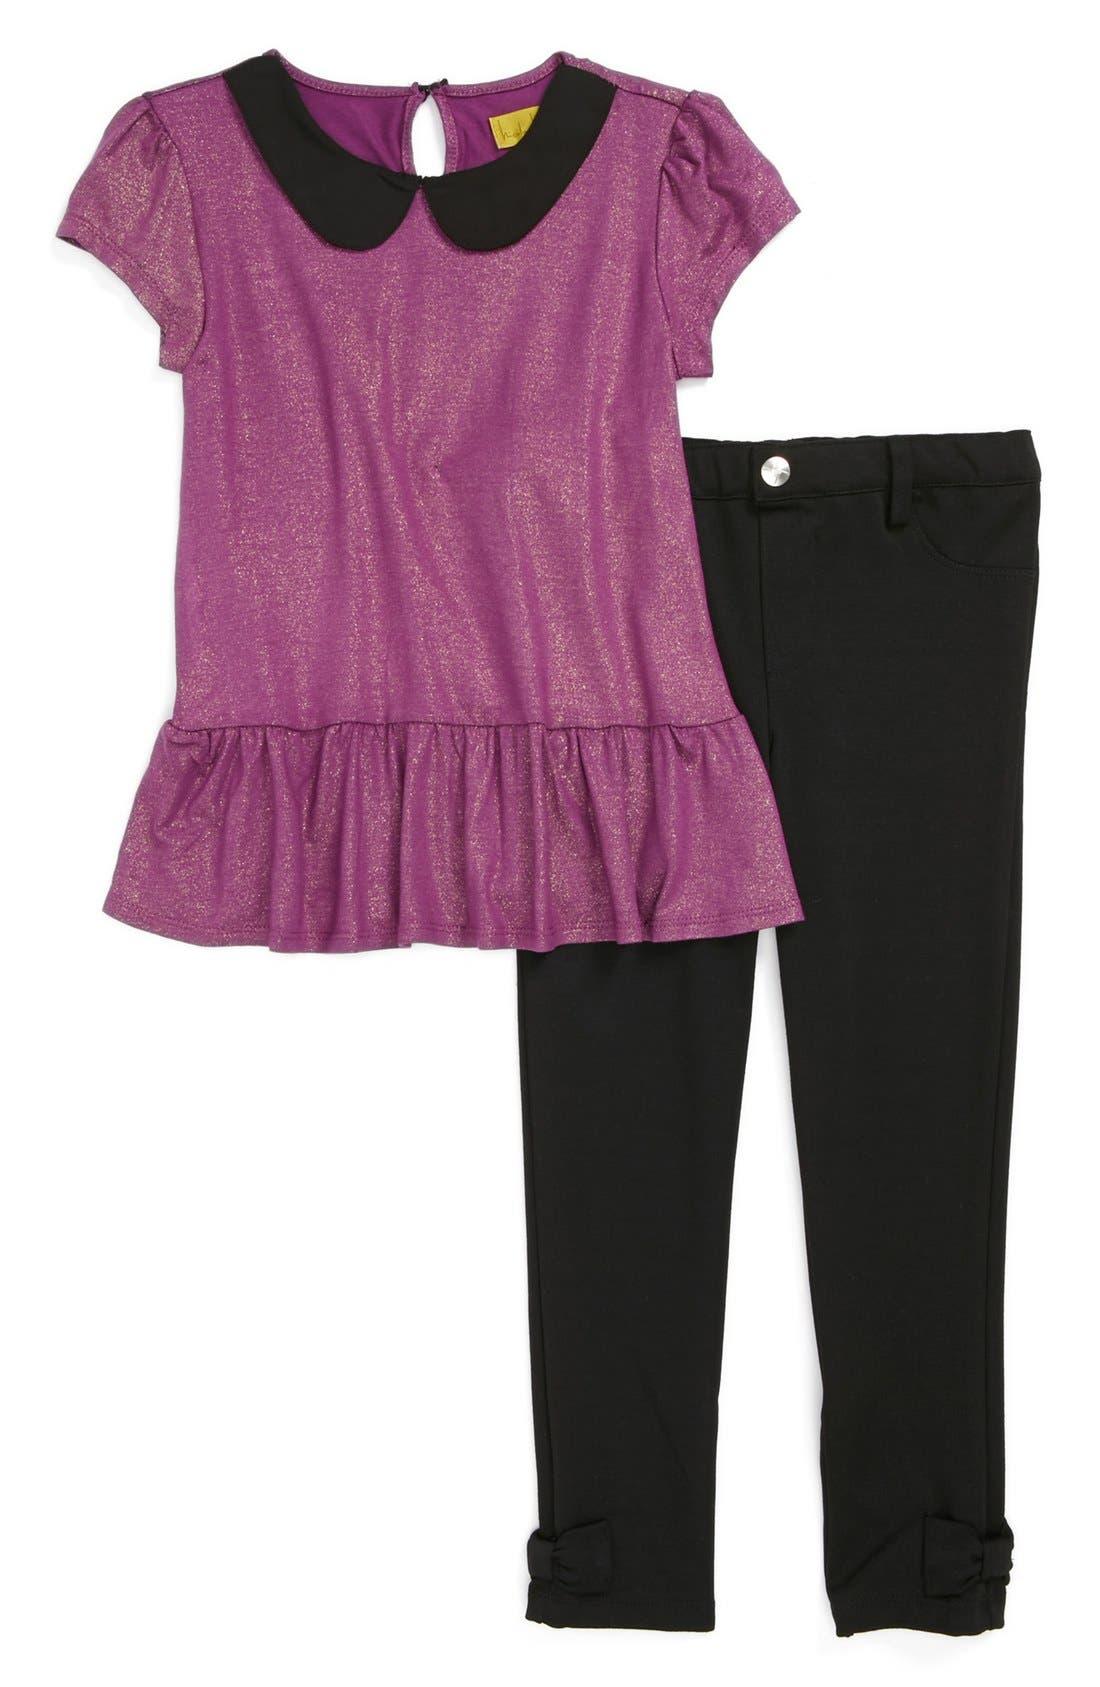 Alternate Image 1 Selected - Nicole Miller Tunic & Leggings (Little Girls)